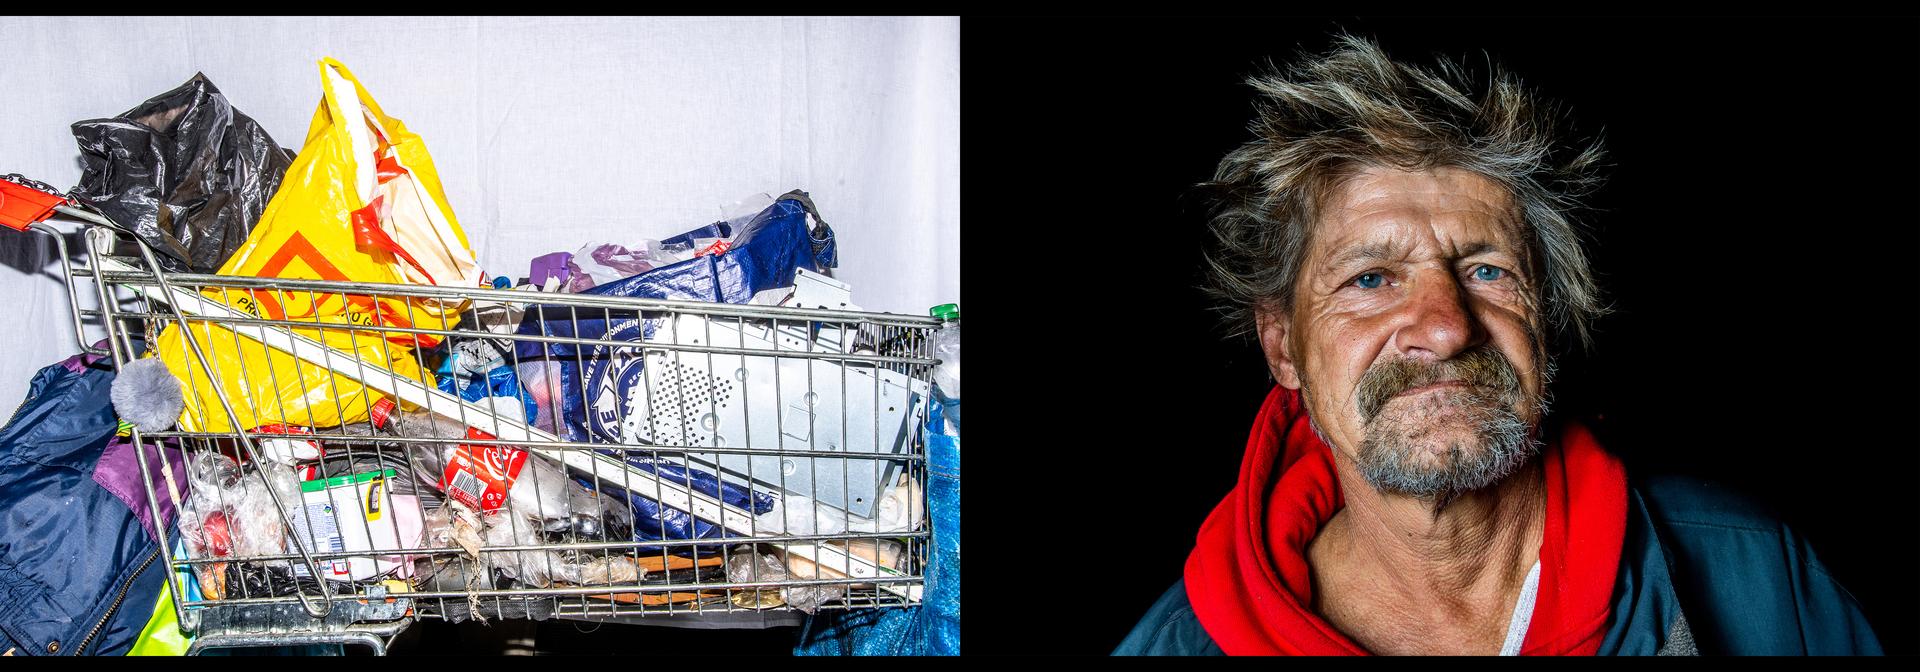 Emberábrázolás – portré (sorozat)<br />3. díj: Marjai János (24.hu): Hasznos holmik<br /><br />Fotó: Október 15. óta Magyarországon szabálysértésnek számít az utcán élni. A rendőrség előállítja a hajléktalanokat, a tulajdonaikat pedig megsemmisíti. Ebben a sorozatban meg szerettem volna mutatni a Budapest utcáin elő emberek legféltettebb személyes tárgyait, amelyeket mostantól bármikor elpusztíthatnak.<br />András és bevásárlókocsija.